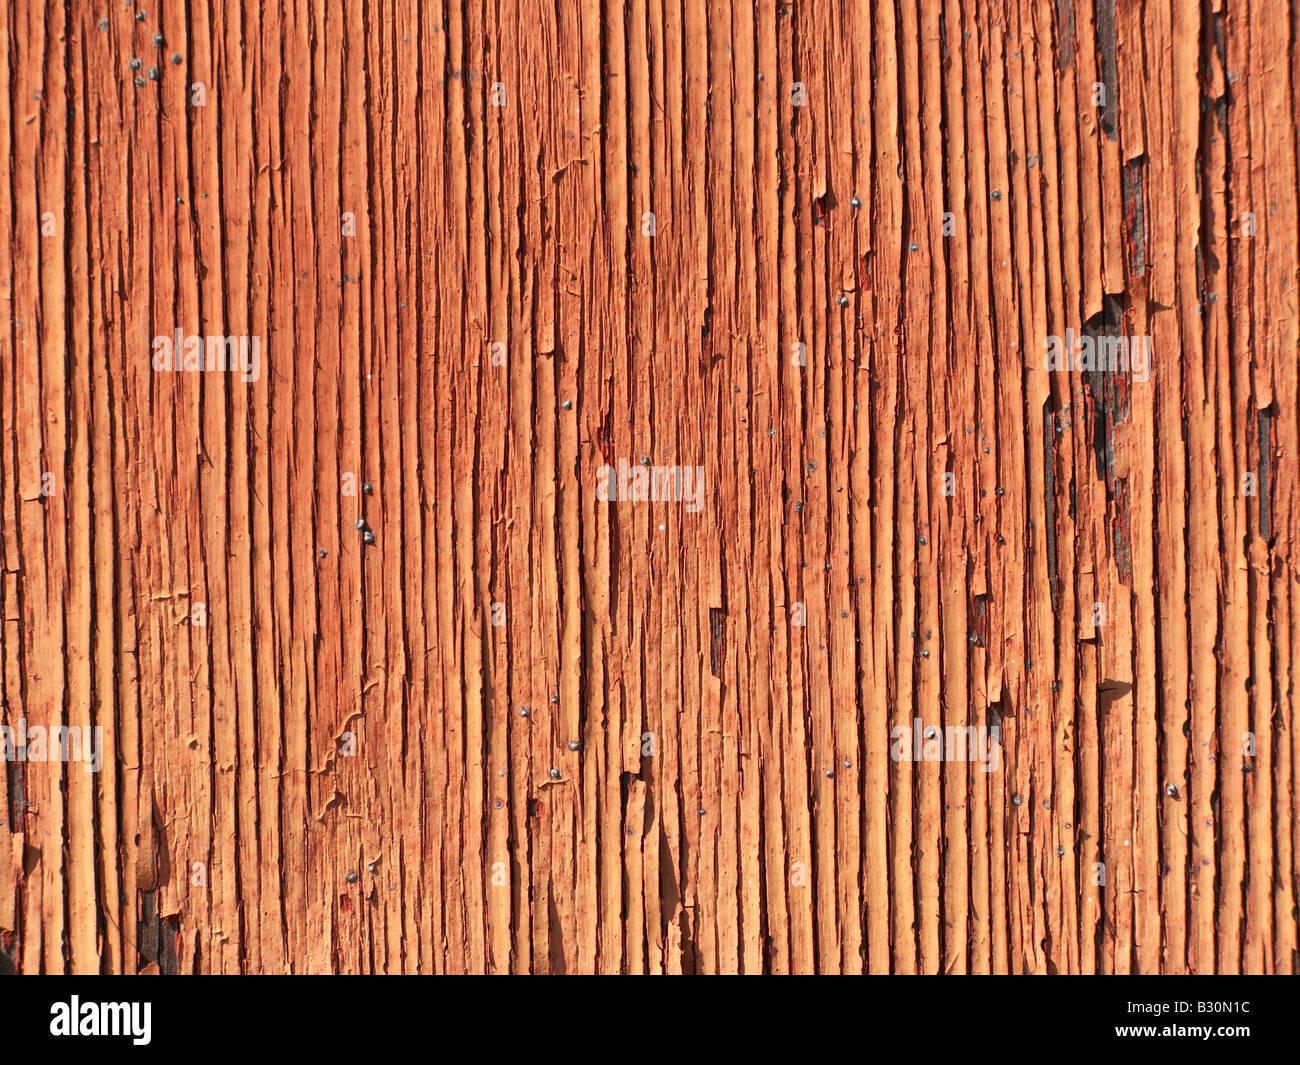 Zusammenfassung Hintergrund Nahaufnahme Oberflächenstruktur Stockfoto